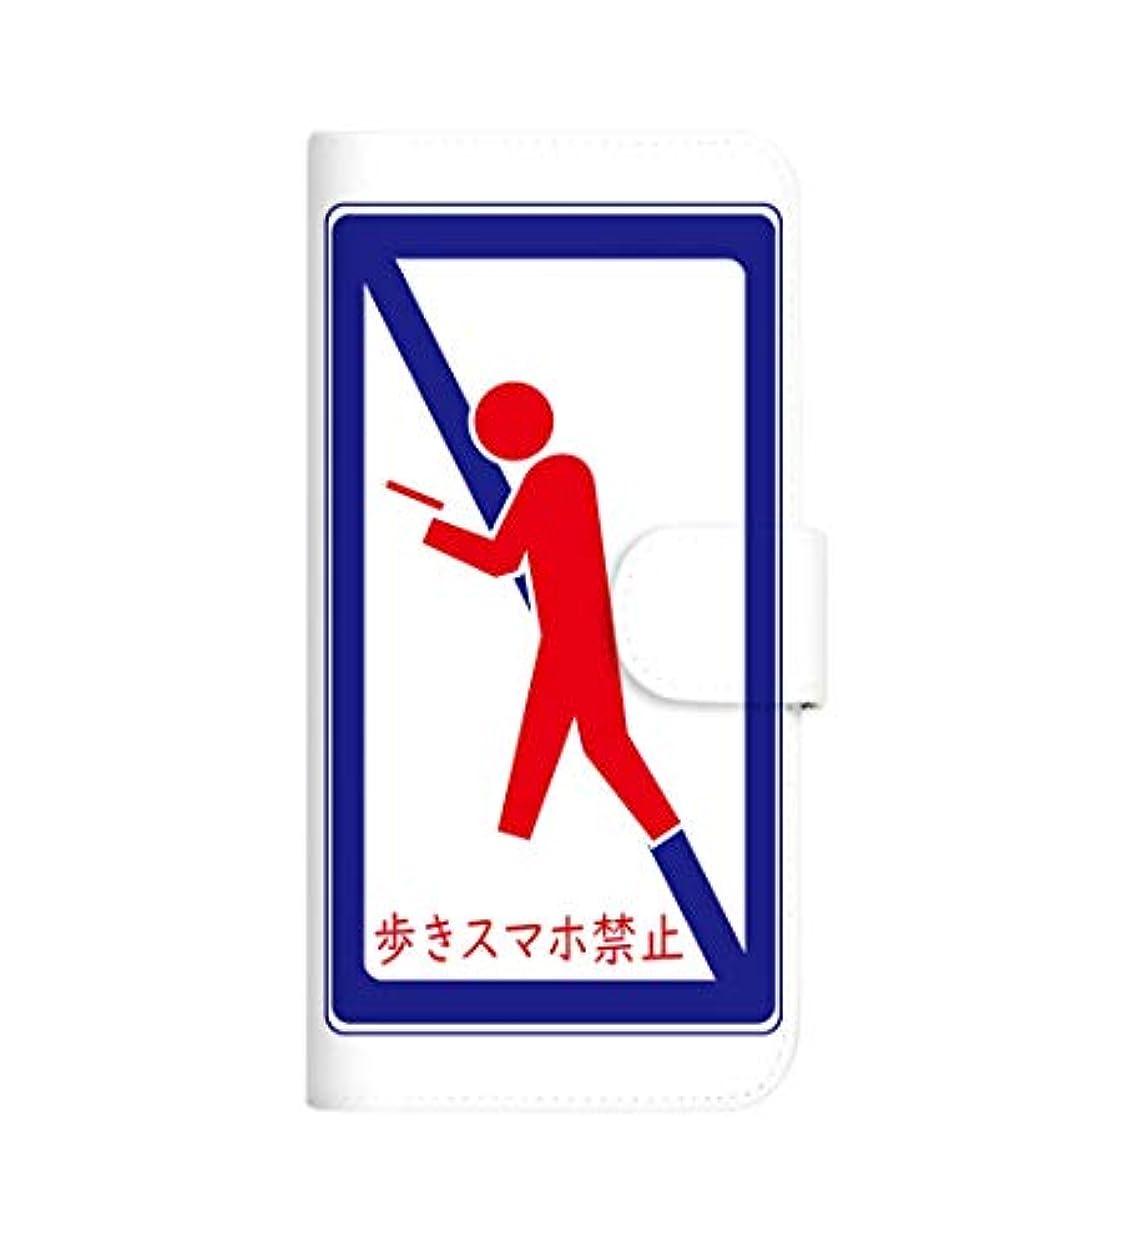 制限する気分狂うZenFone Go ZB551KL ケース 手帳型 おもしろ ネタ ジョーク 標識vol3 禁止 B (220) SC-OMO3012-KU2/ZB551KL